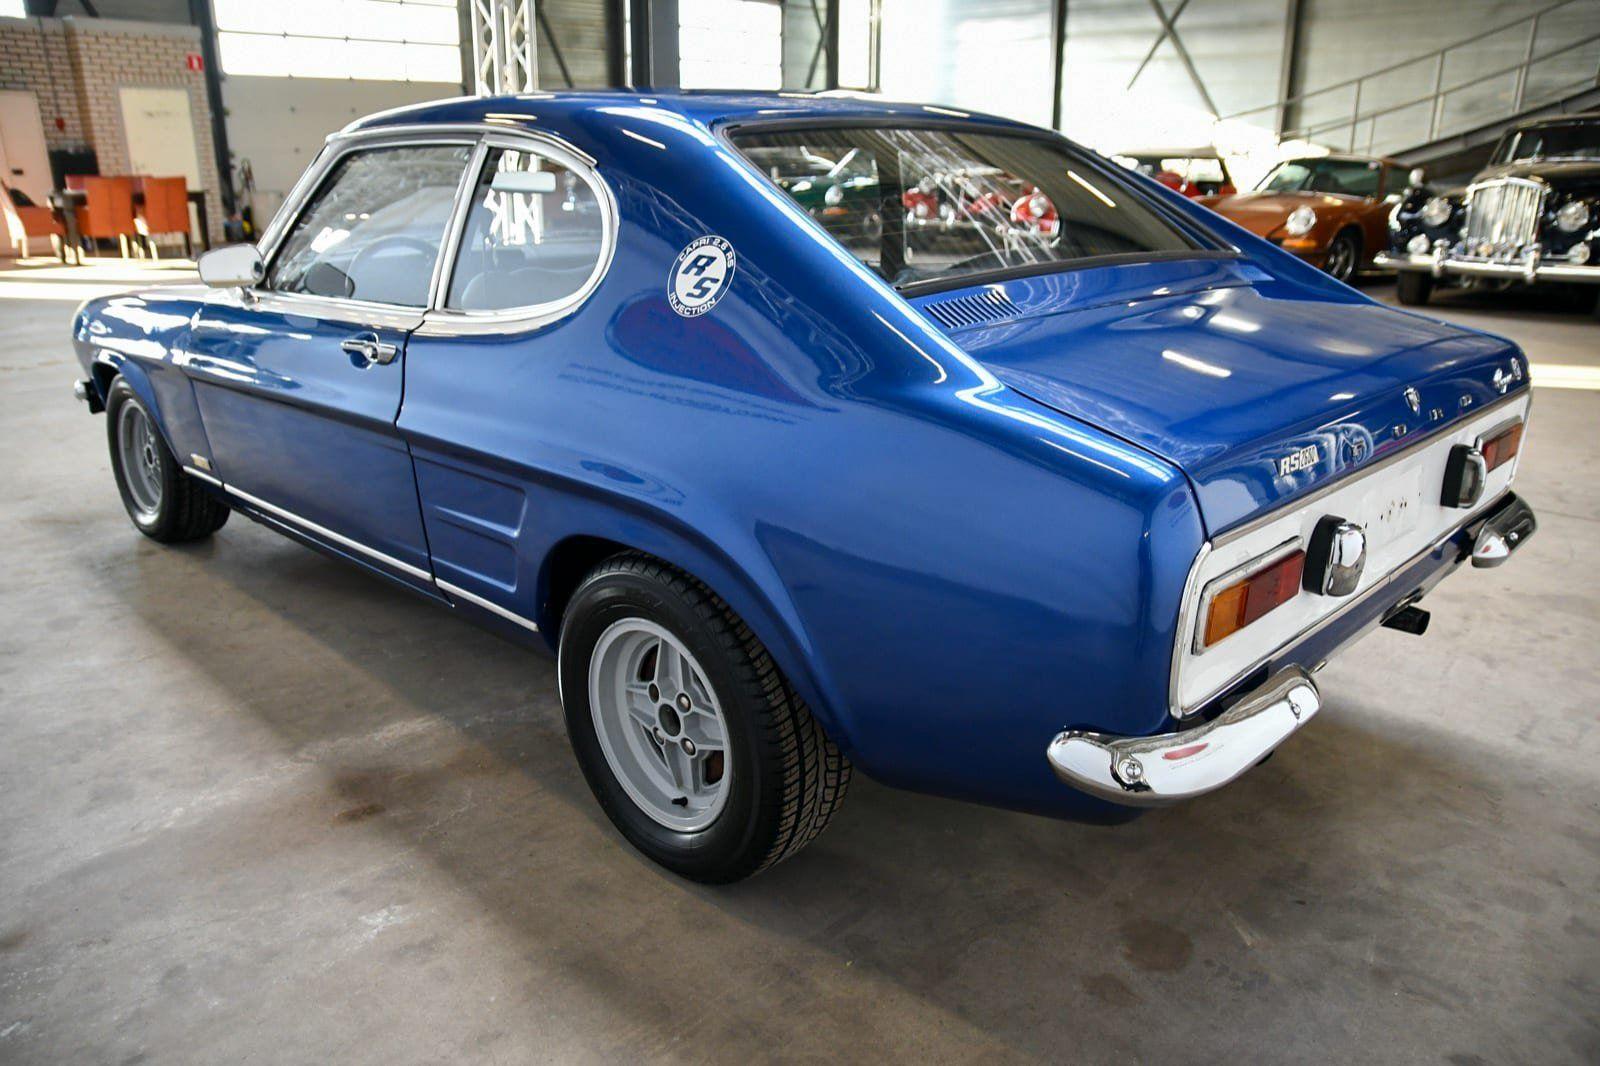 1972 Ford Capri Classic Driver Market In 2020 Ford Capri Ford Classic Cars Classic Cars